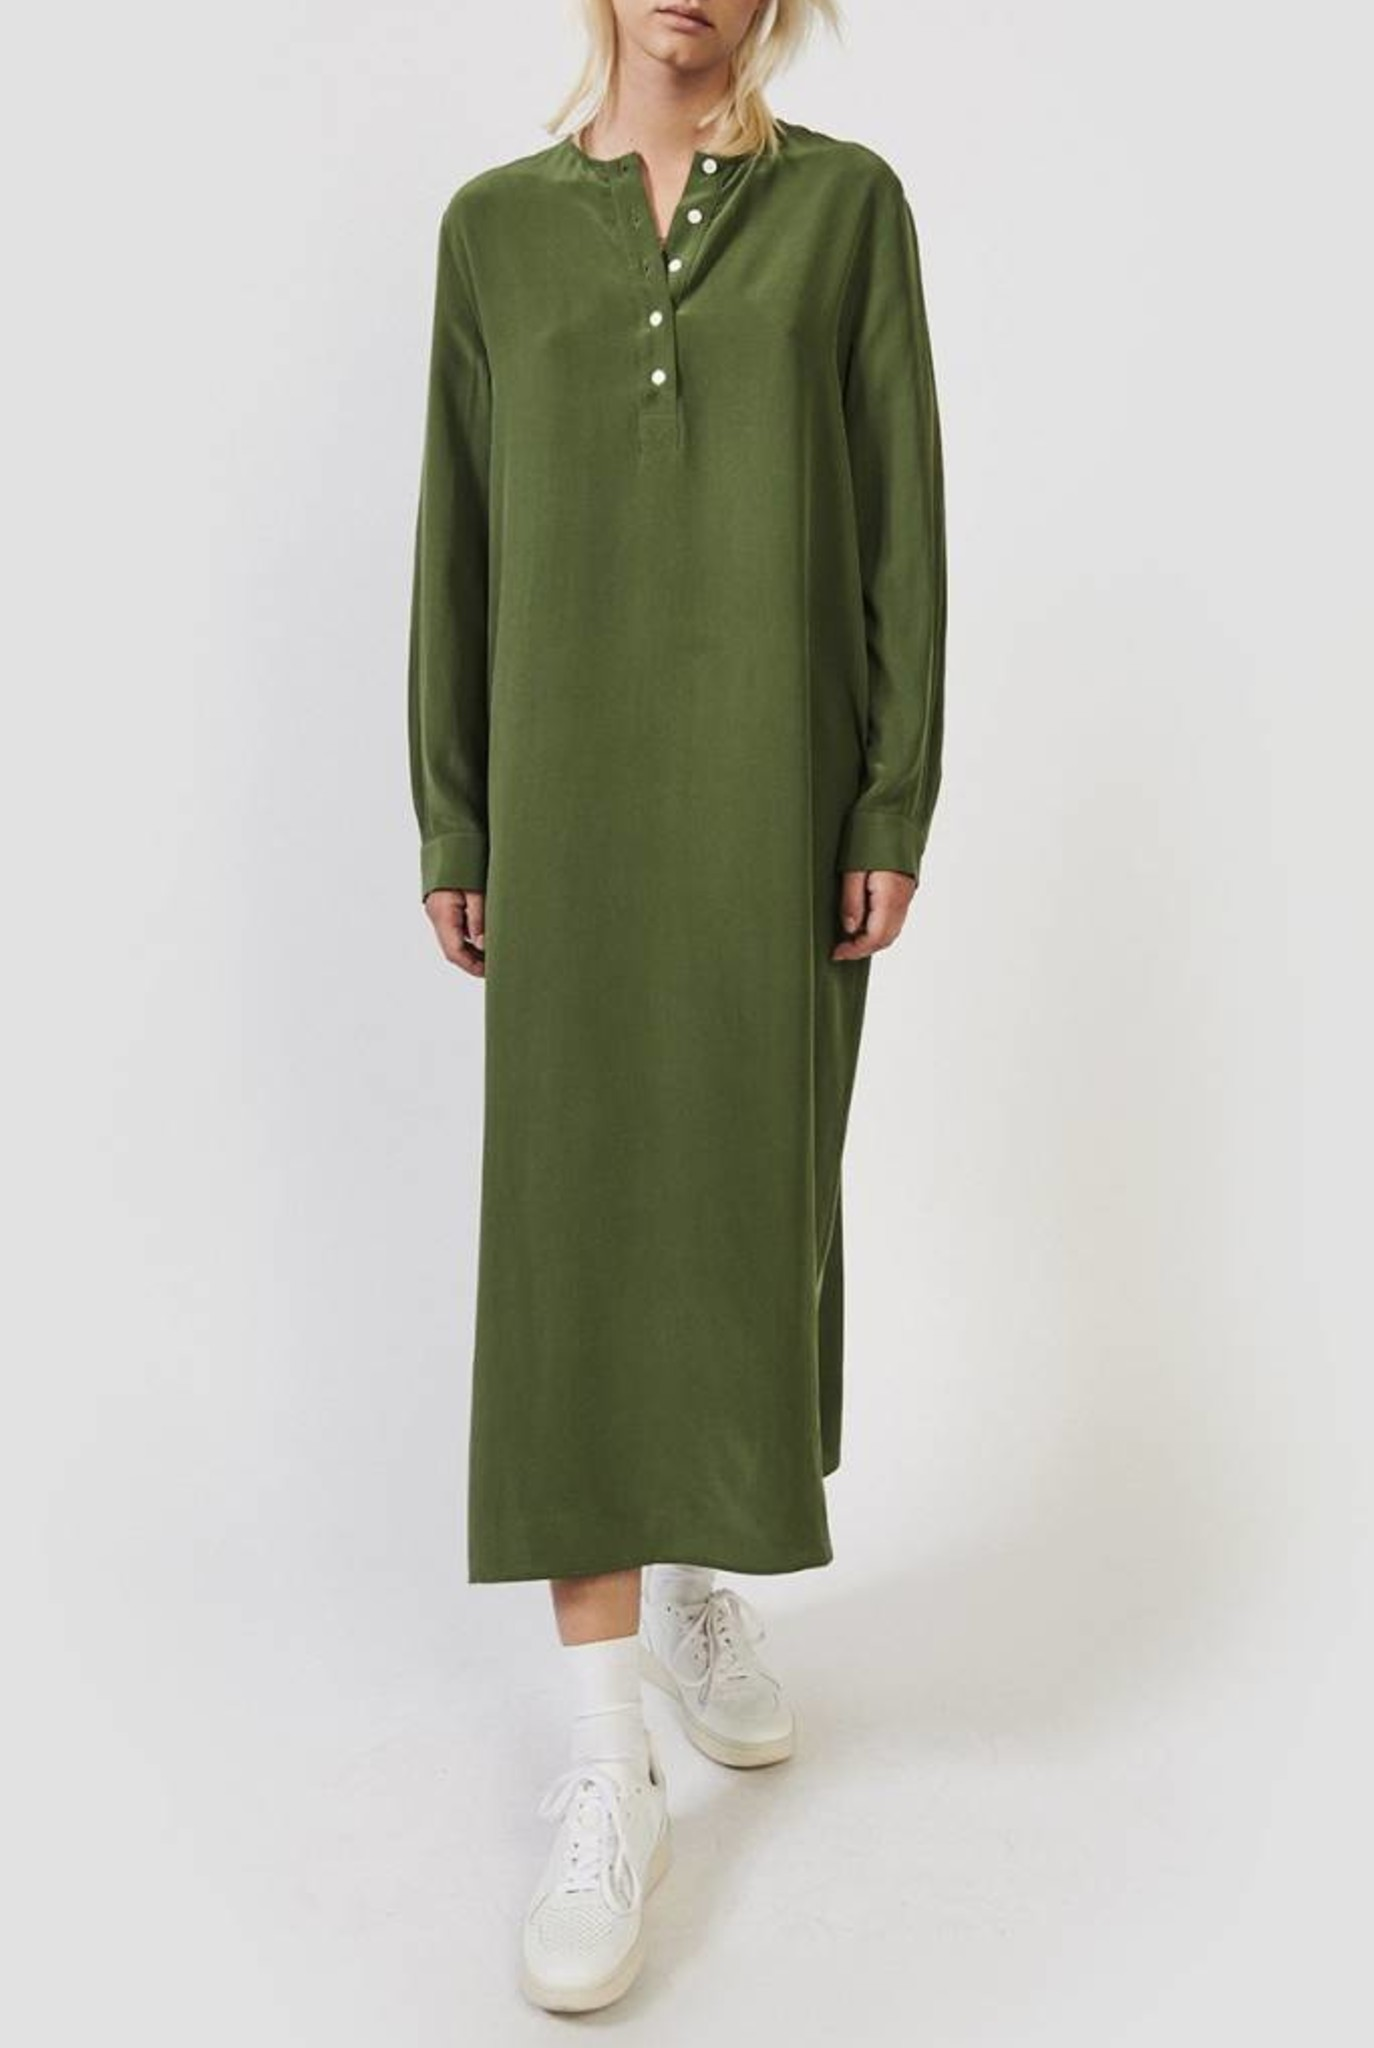 80d23a659cca Kokoon womens wear is focused on timeless silhouettes in fine silk ...